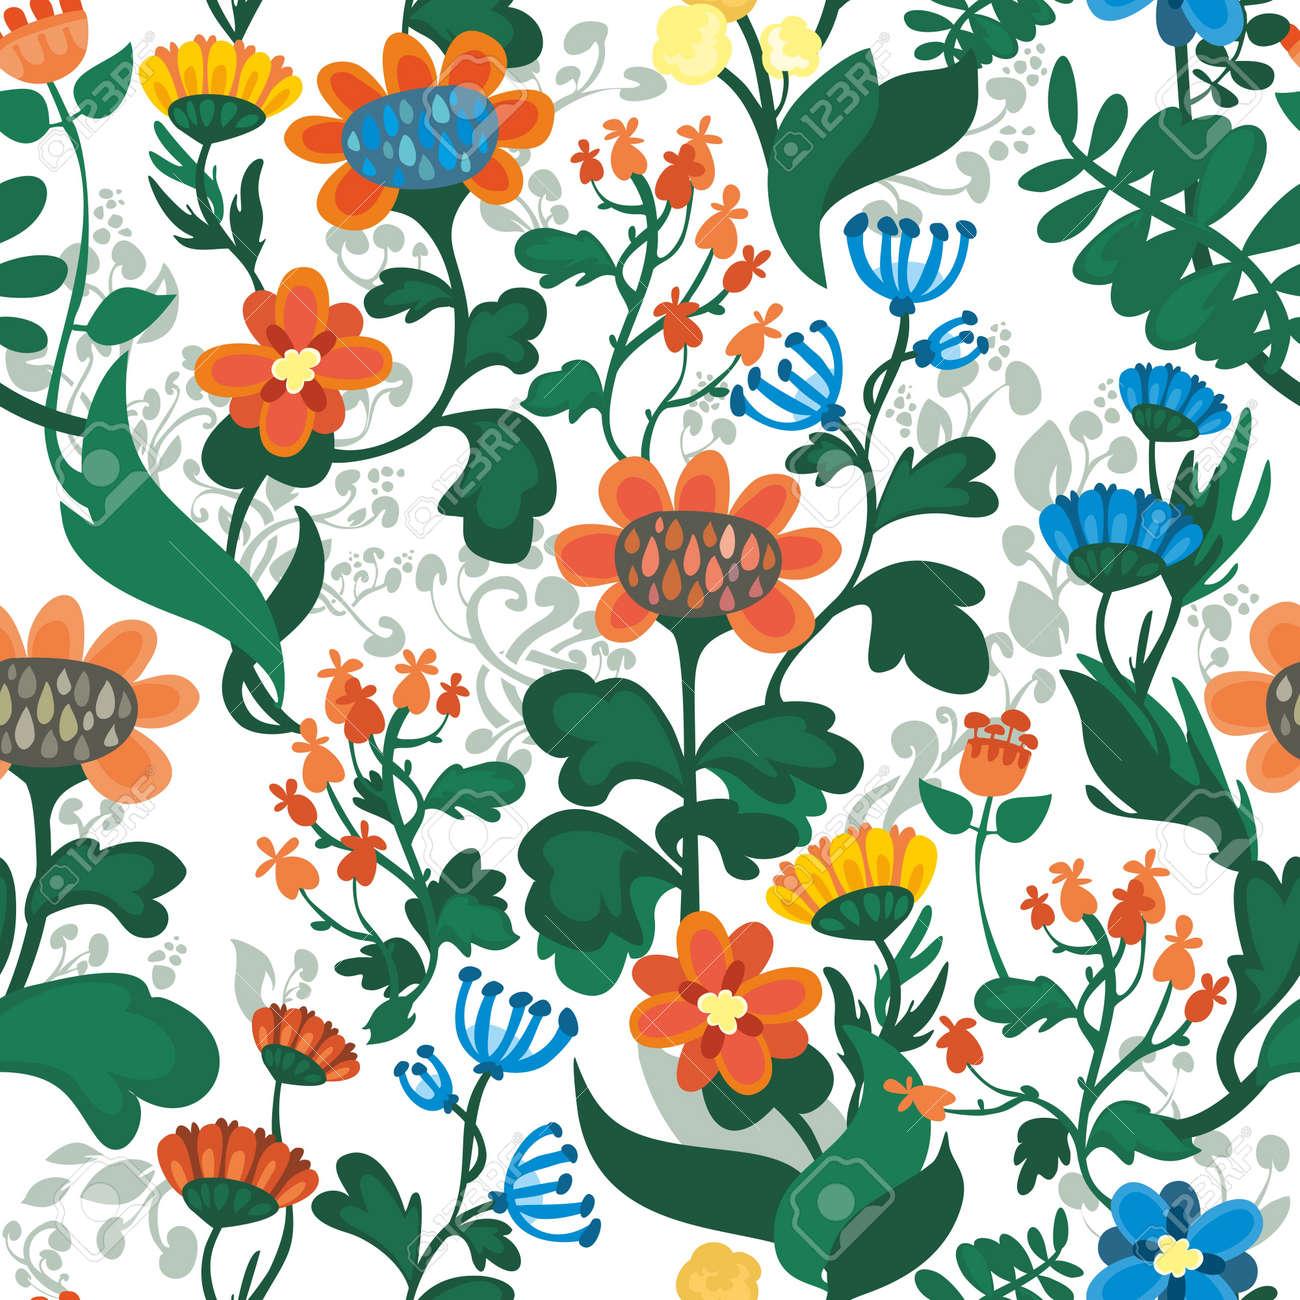 Vettoriale Seamless Sfondo Floreale Con Fiori Stilizzati Floral